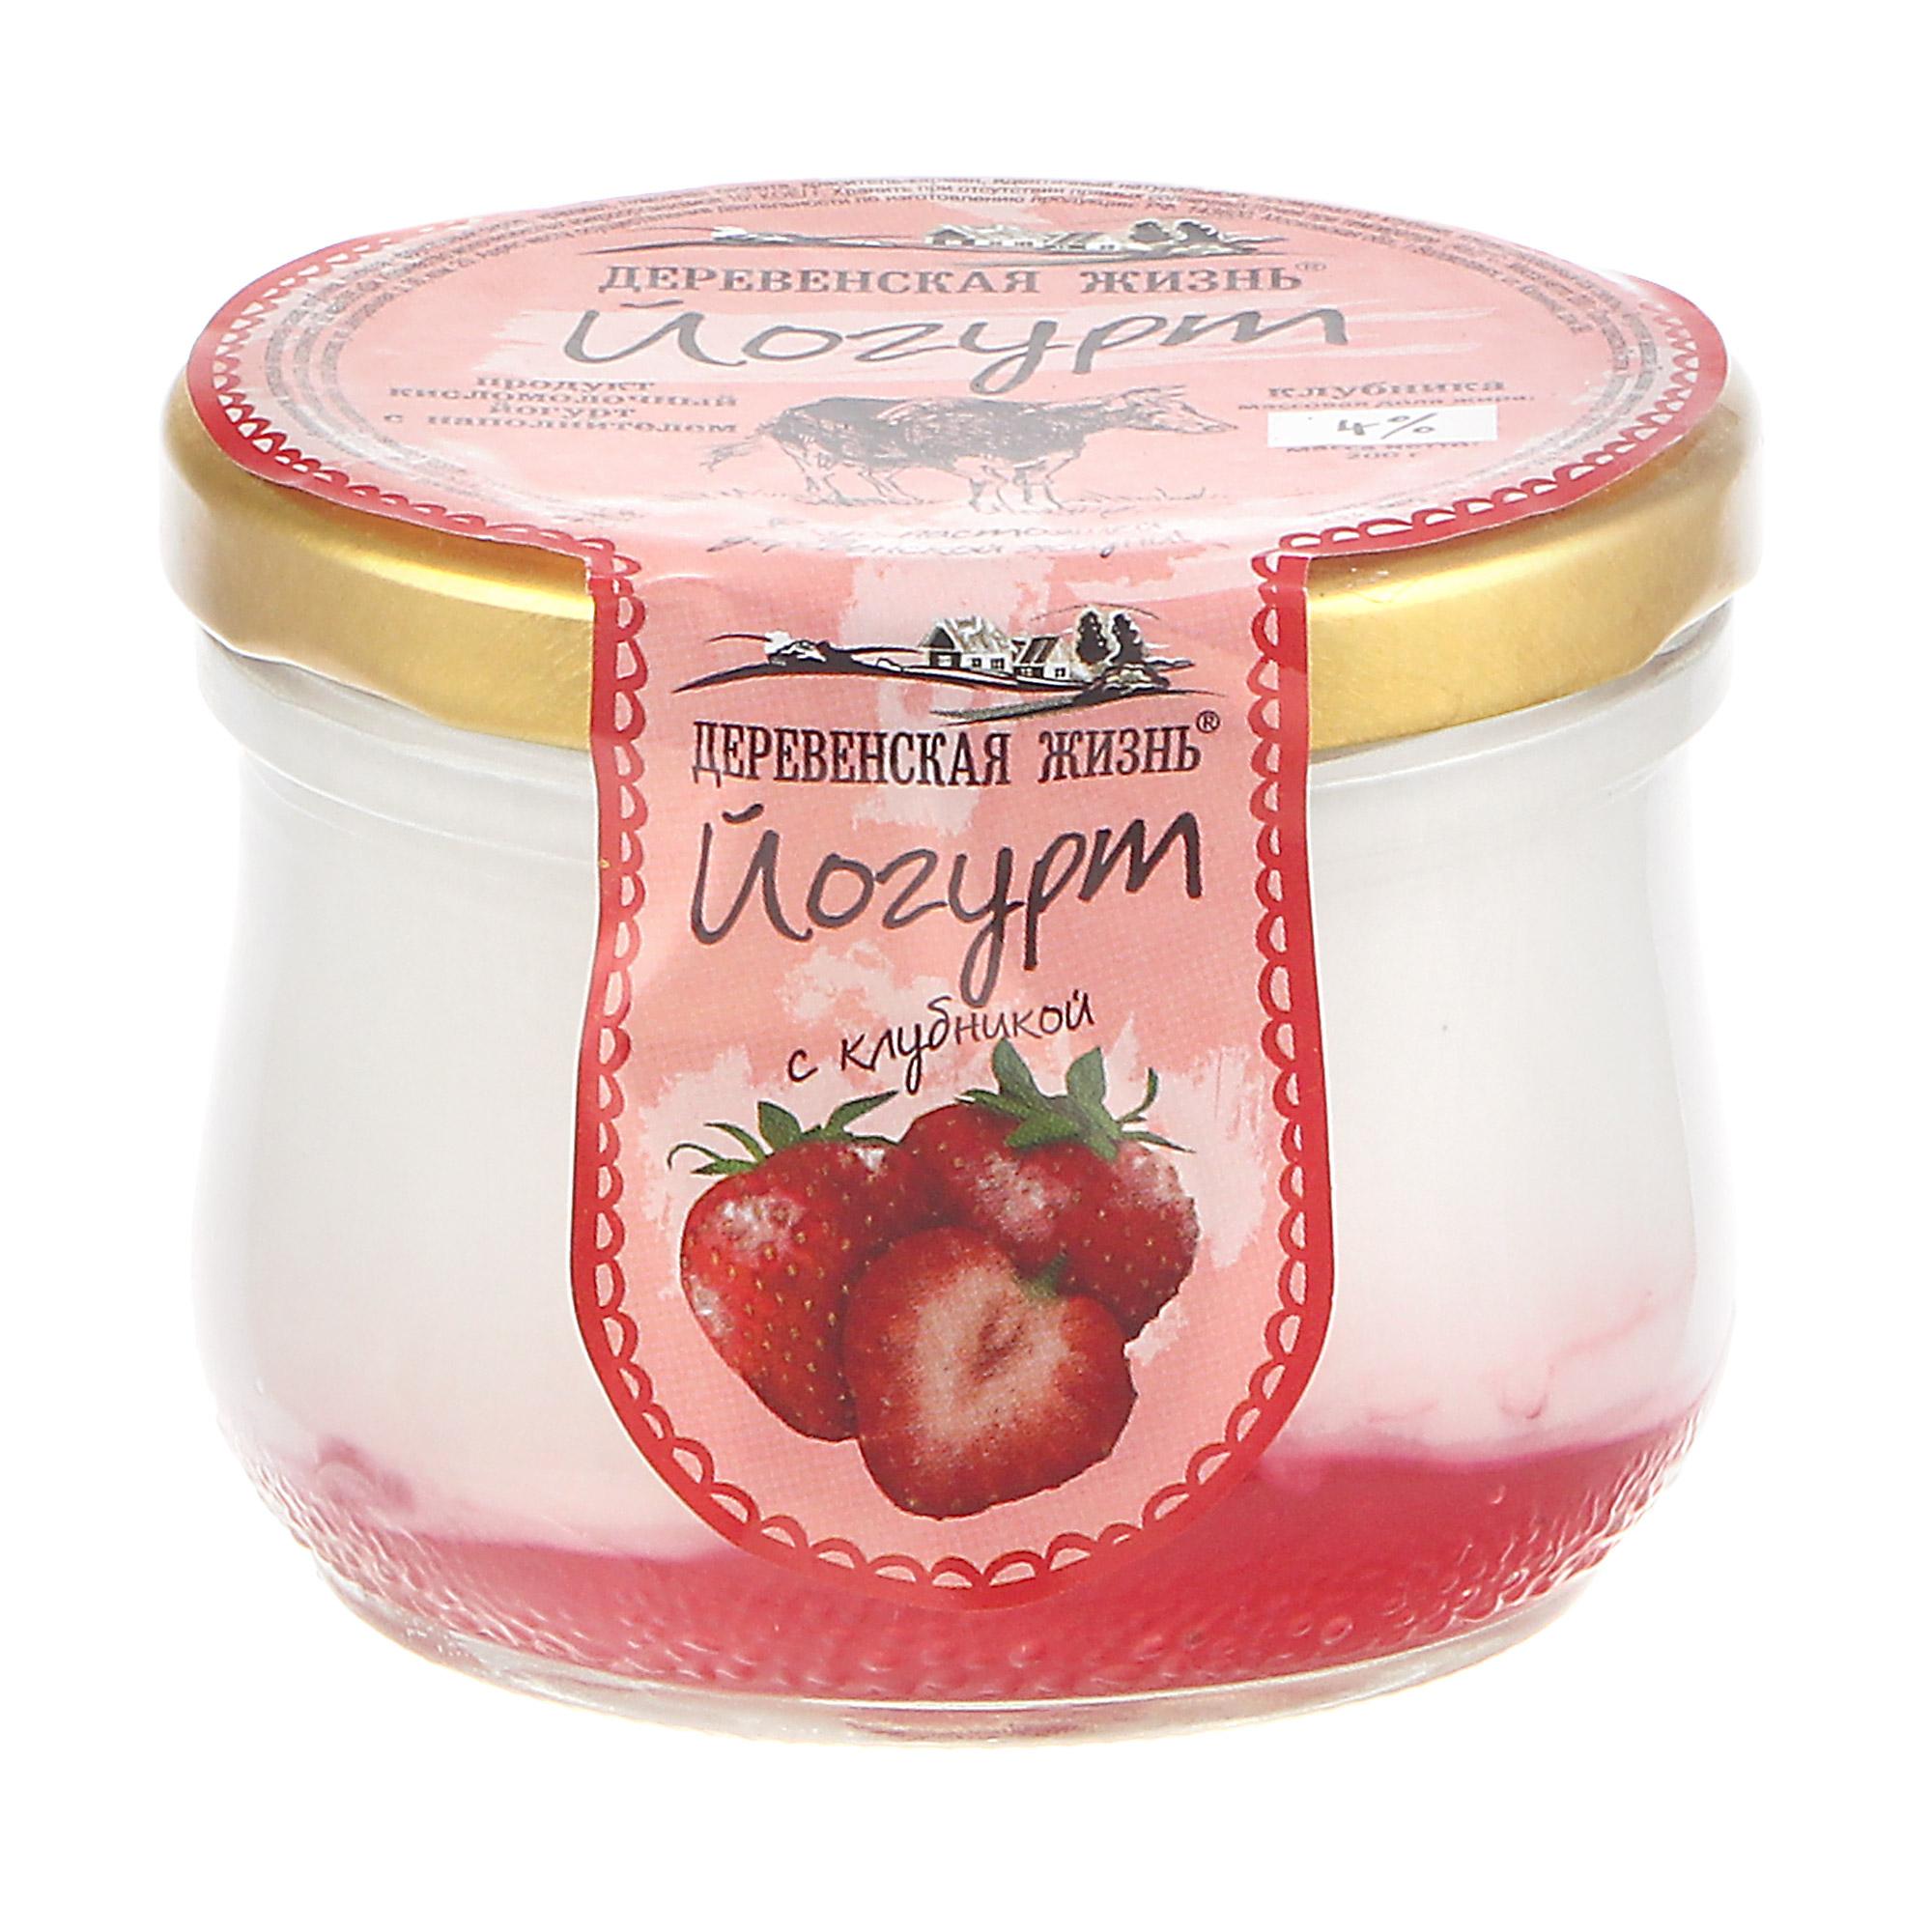 Йогурт термостатный Деревенская жизнь клубника 4% 200 г недорого